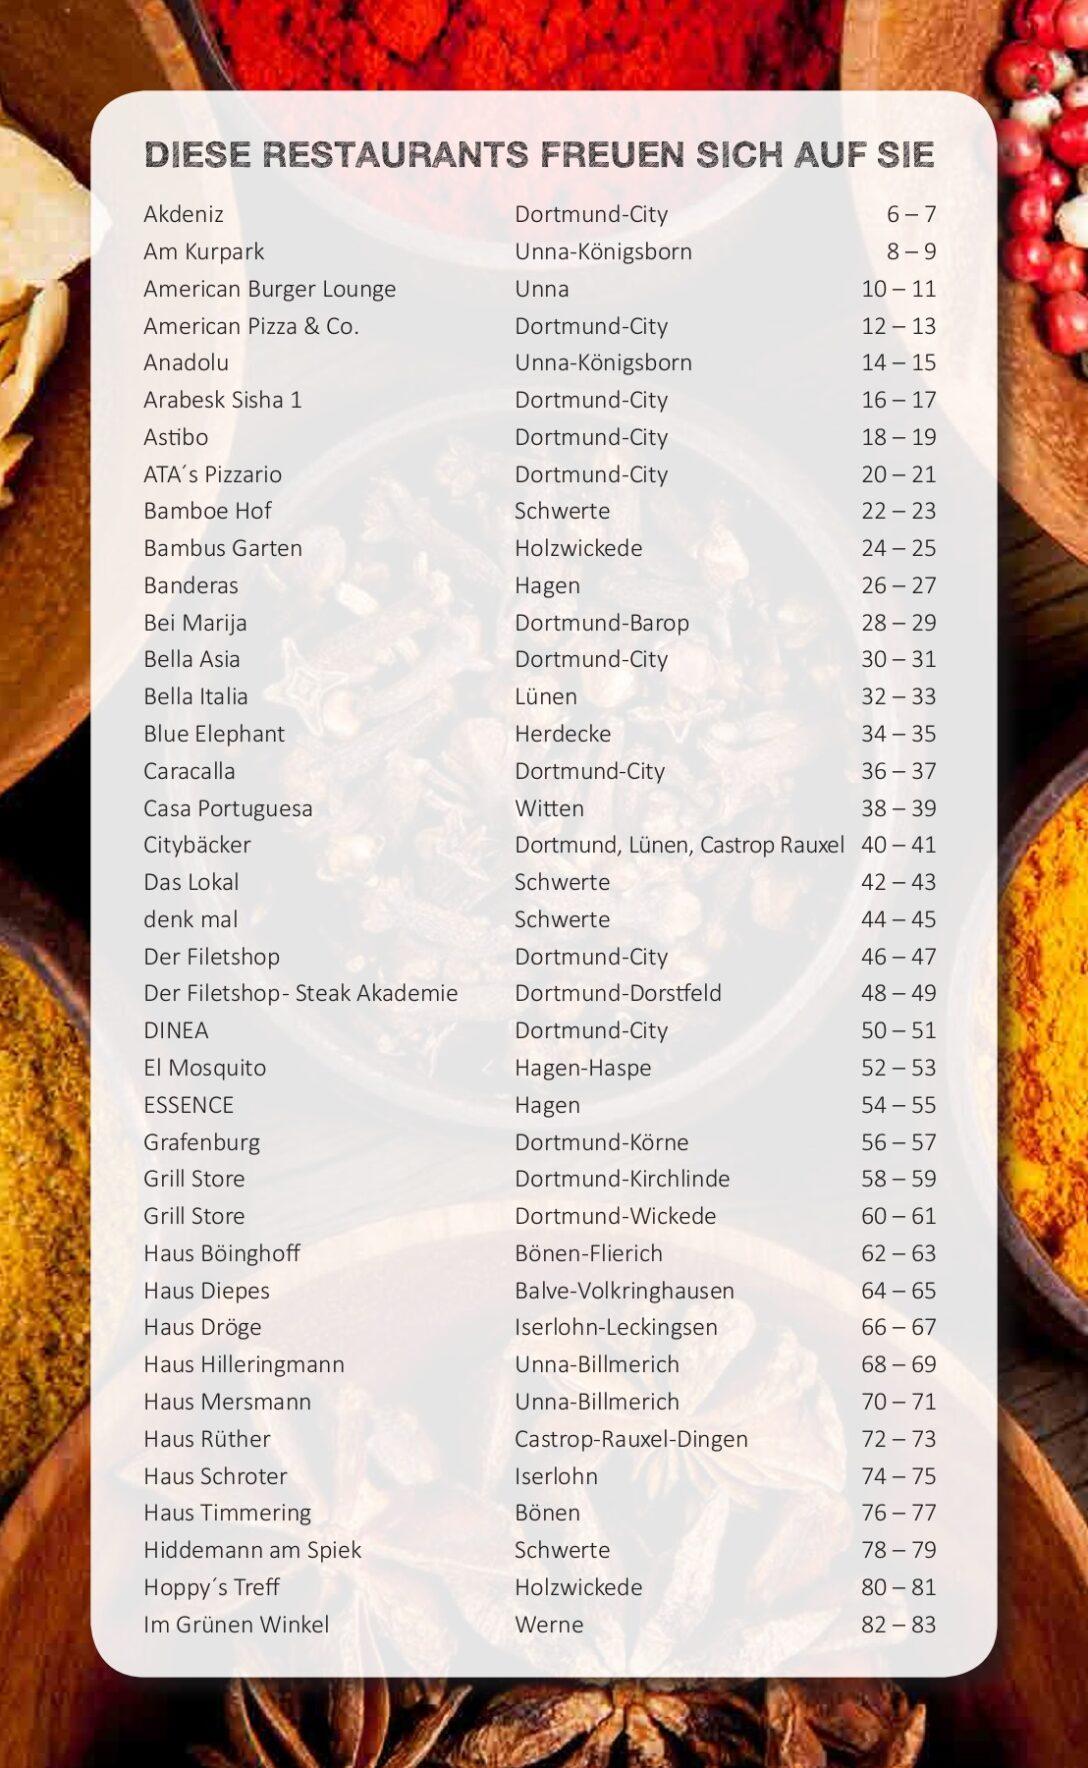 Large Size of Mahlzeit In Ihrer Stadt 2018 Pages 1 50 Text Version Hotel Bad Neuenahr Rollschrank Unterschrank Holz Schrank Schlafzimmer Schreibtisch Regal Ahrweiler Für Wohnzimmer Hr Leckere Landküche Rezepte